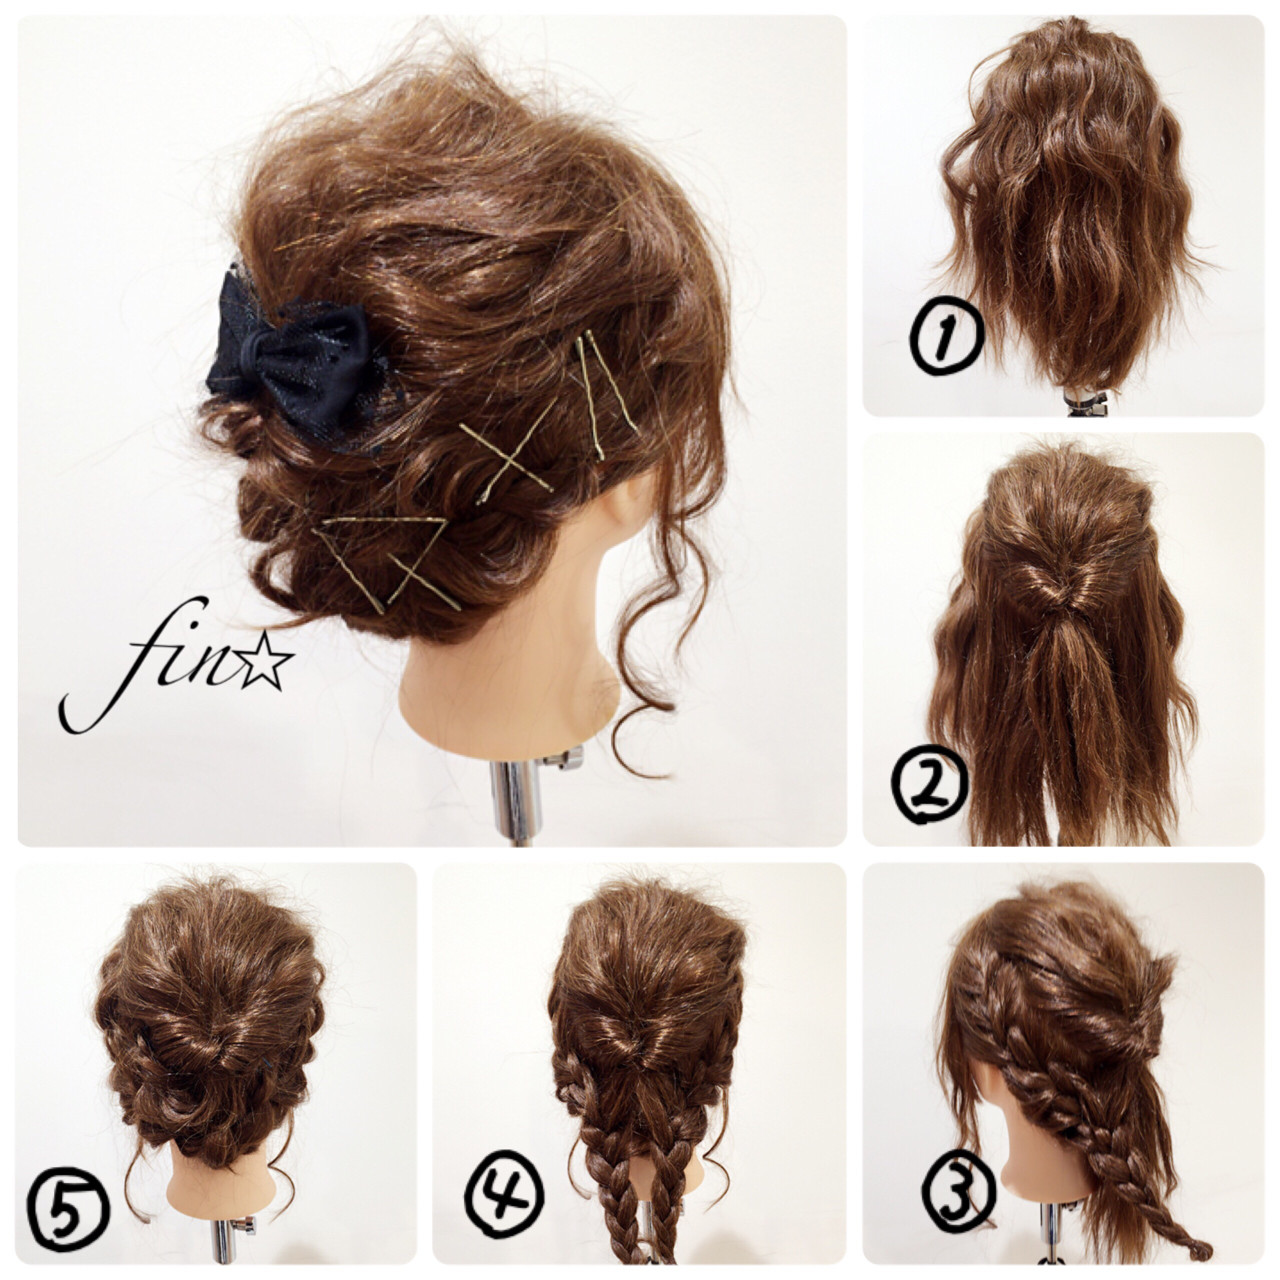 結婚式・お呼ばれに。おすすめアップのヘアスタイルとセルフアレンジ法 畑中潤